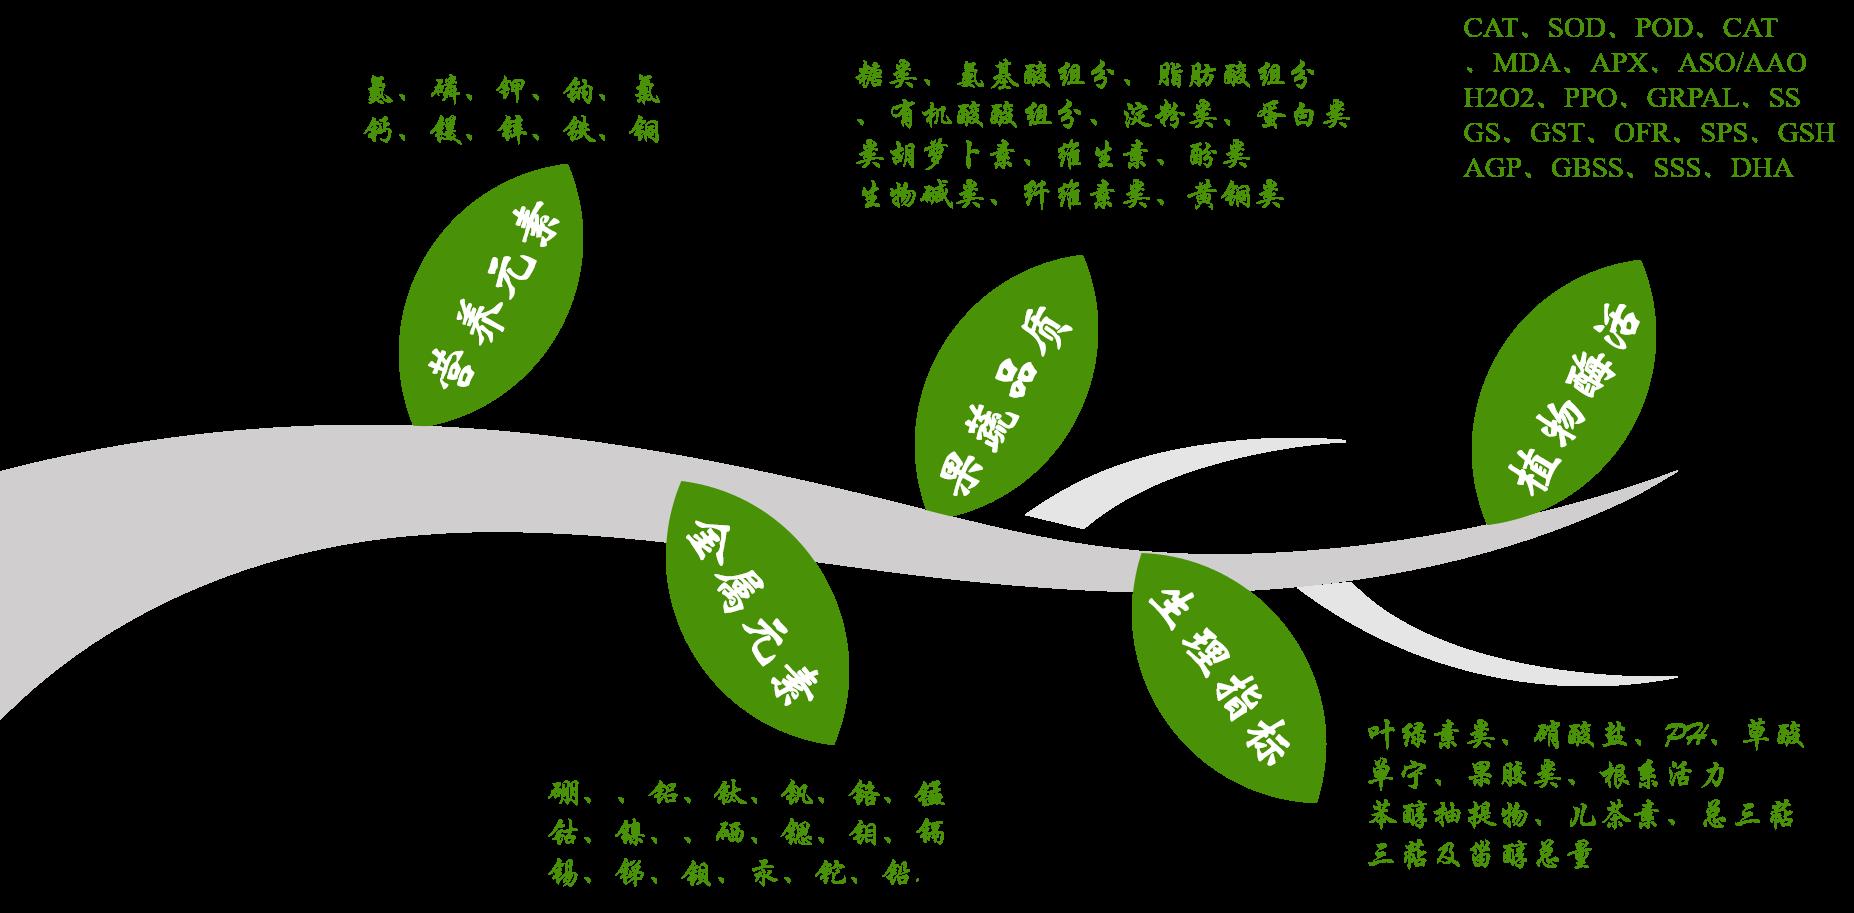 植物理化检测列表